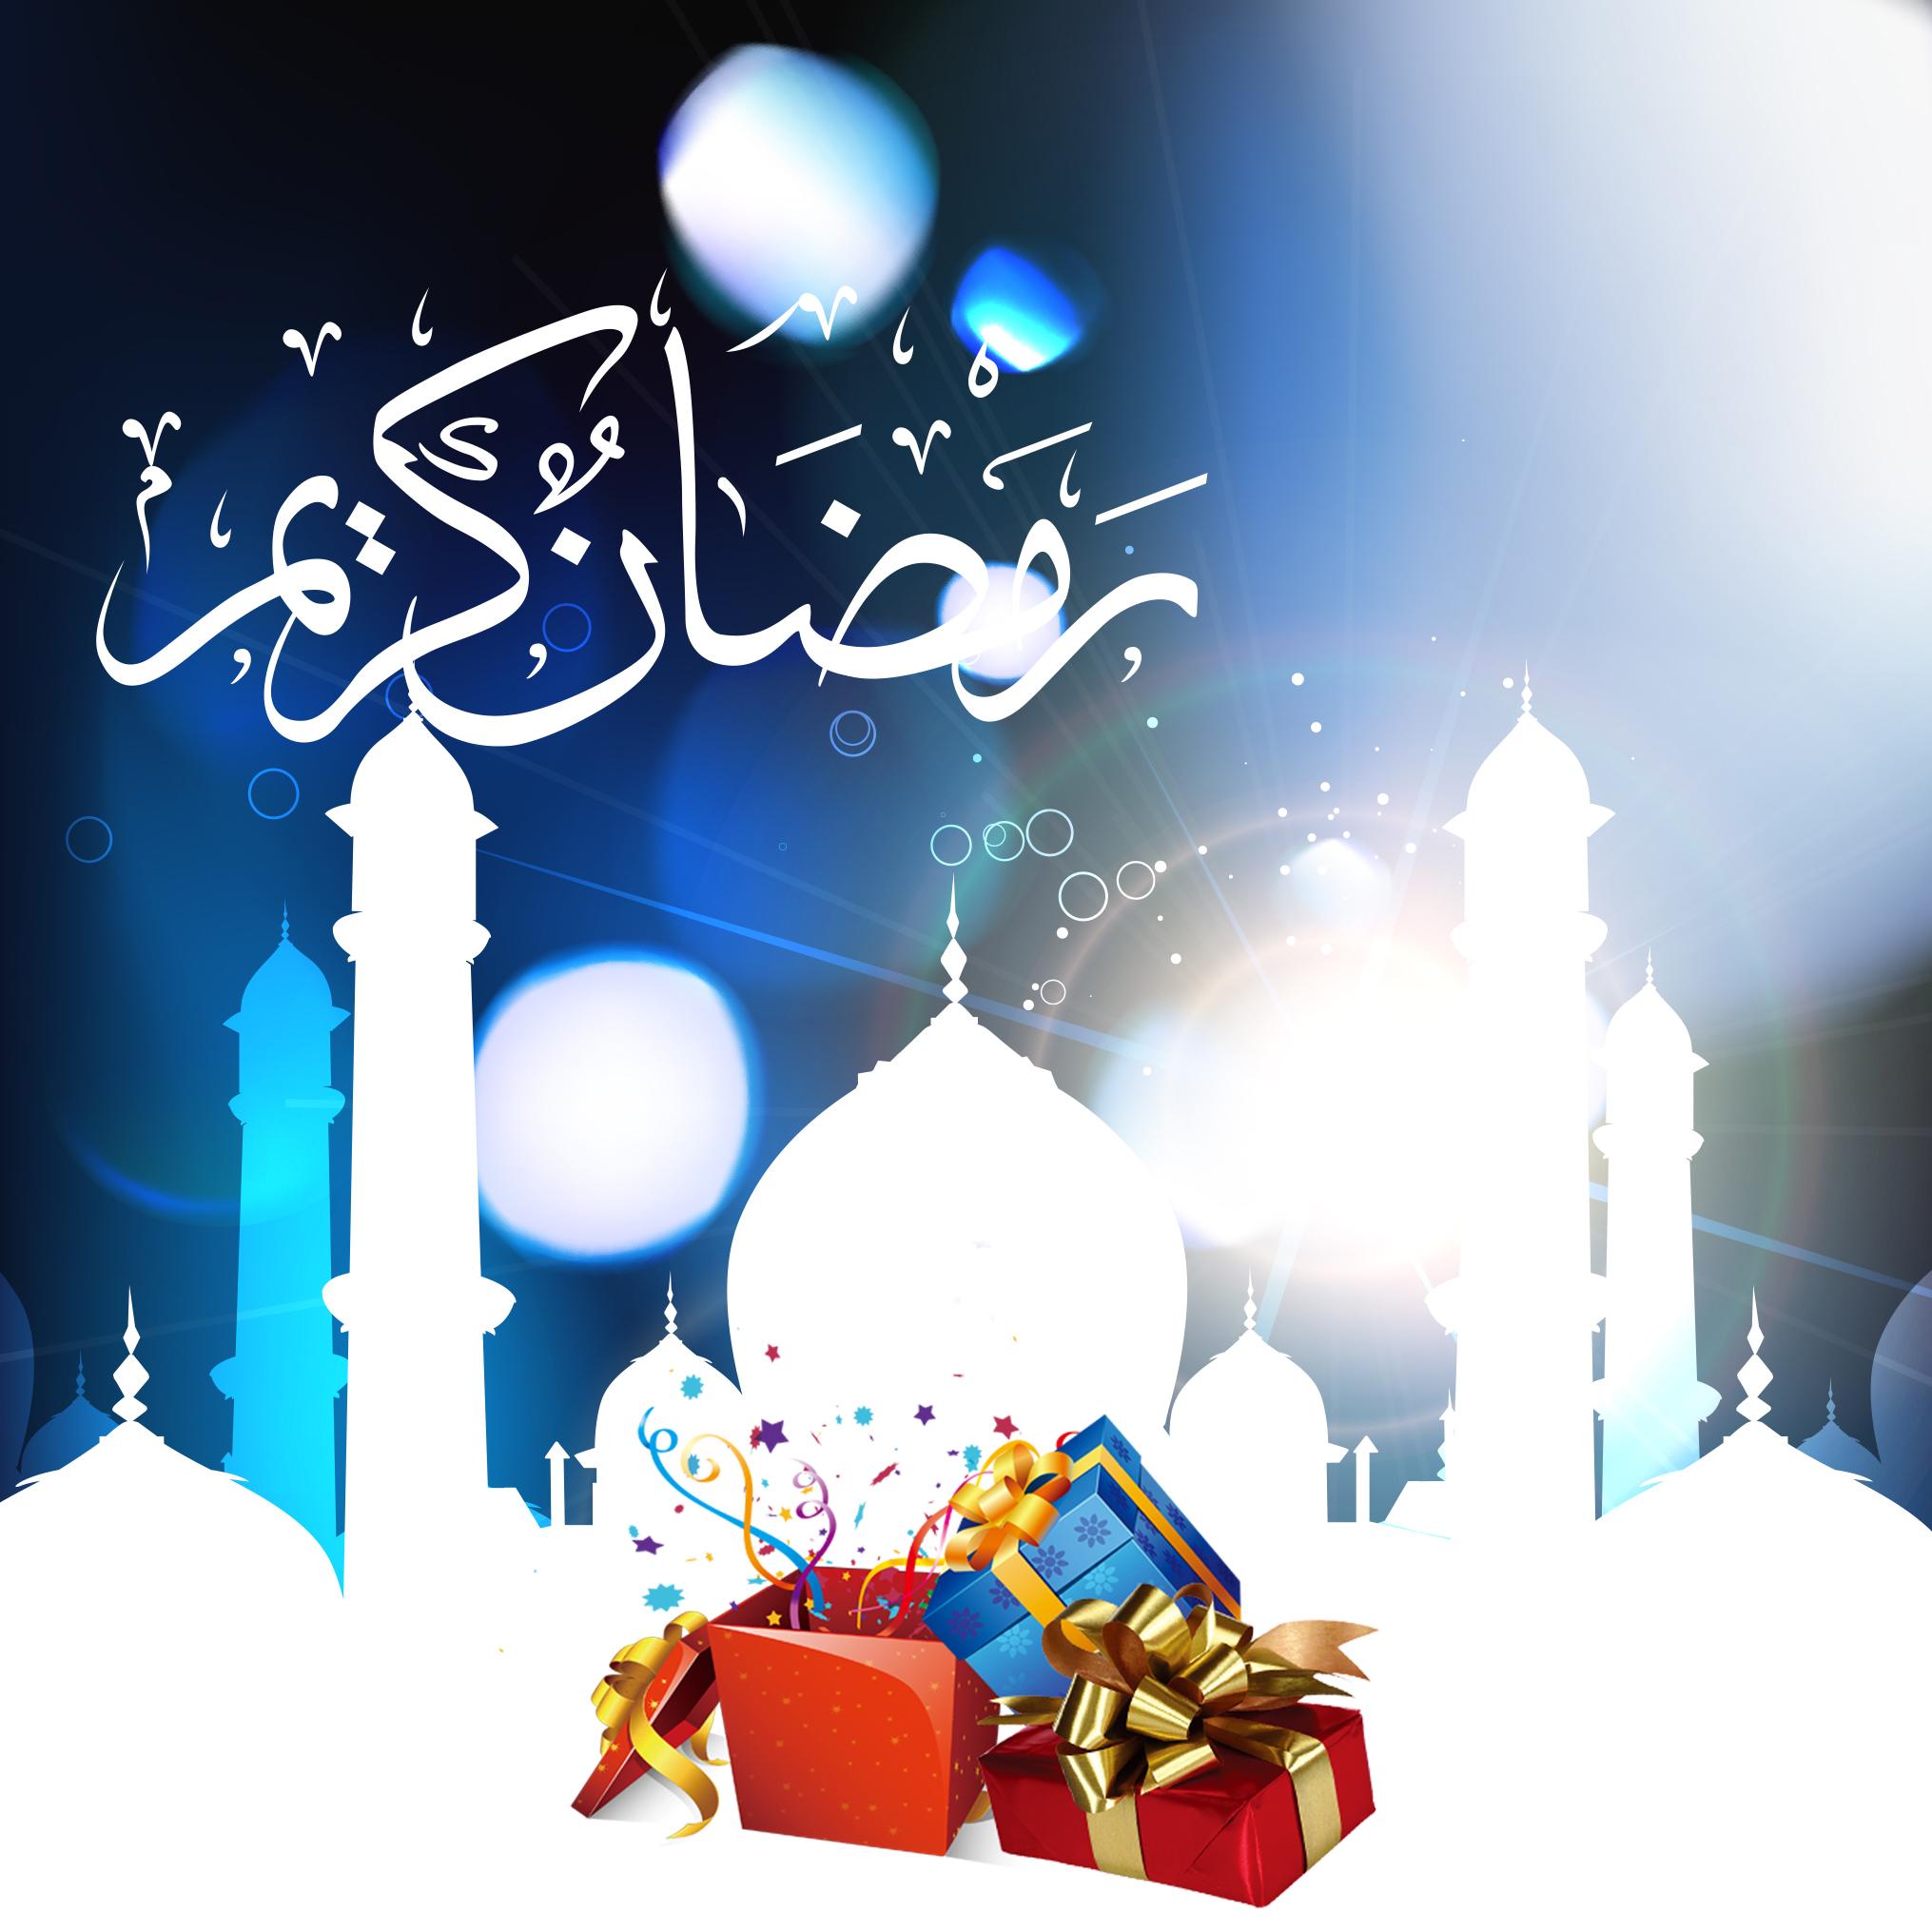 عید سعید فطر، کارگزاری آگاه، بآشگاه مشتریان